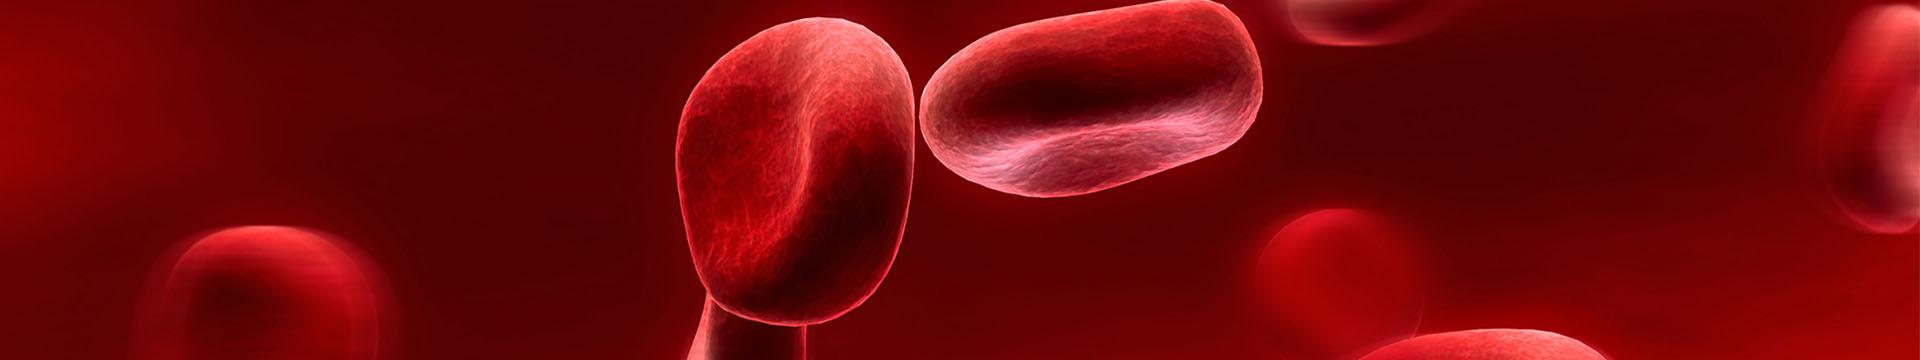 αιματολογικές εξετάσεις